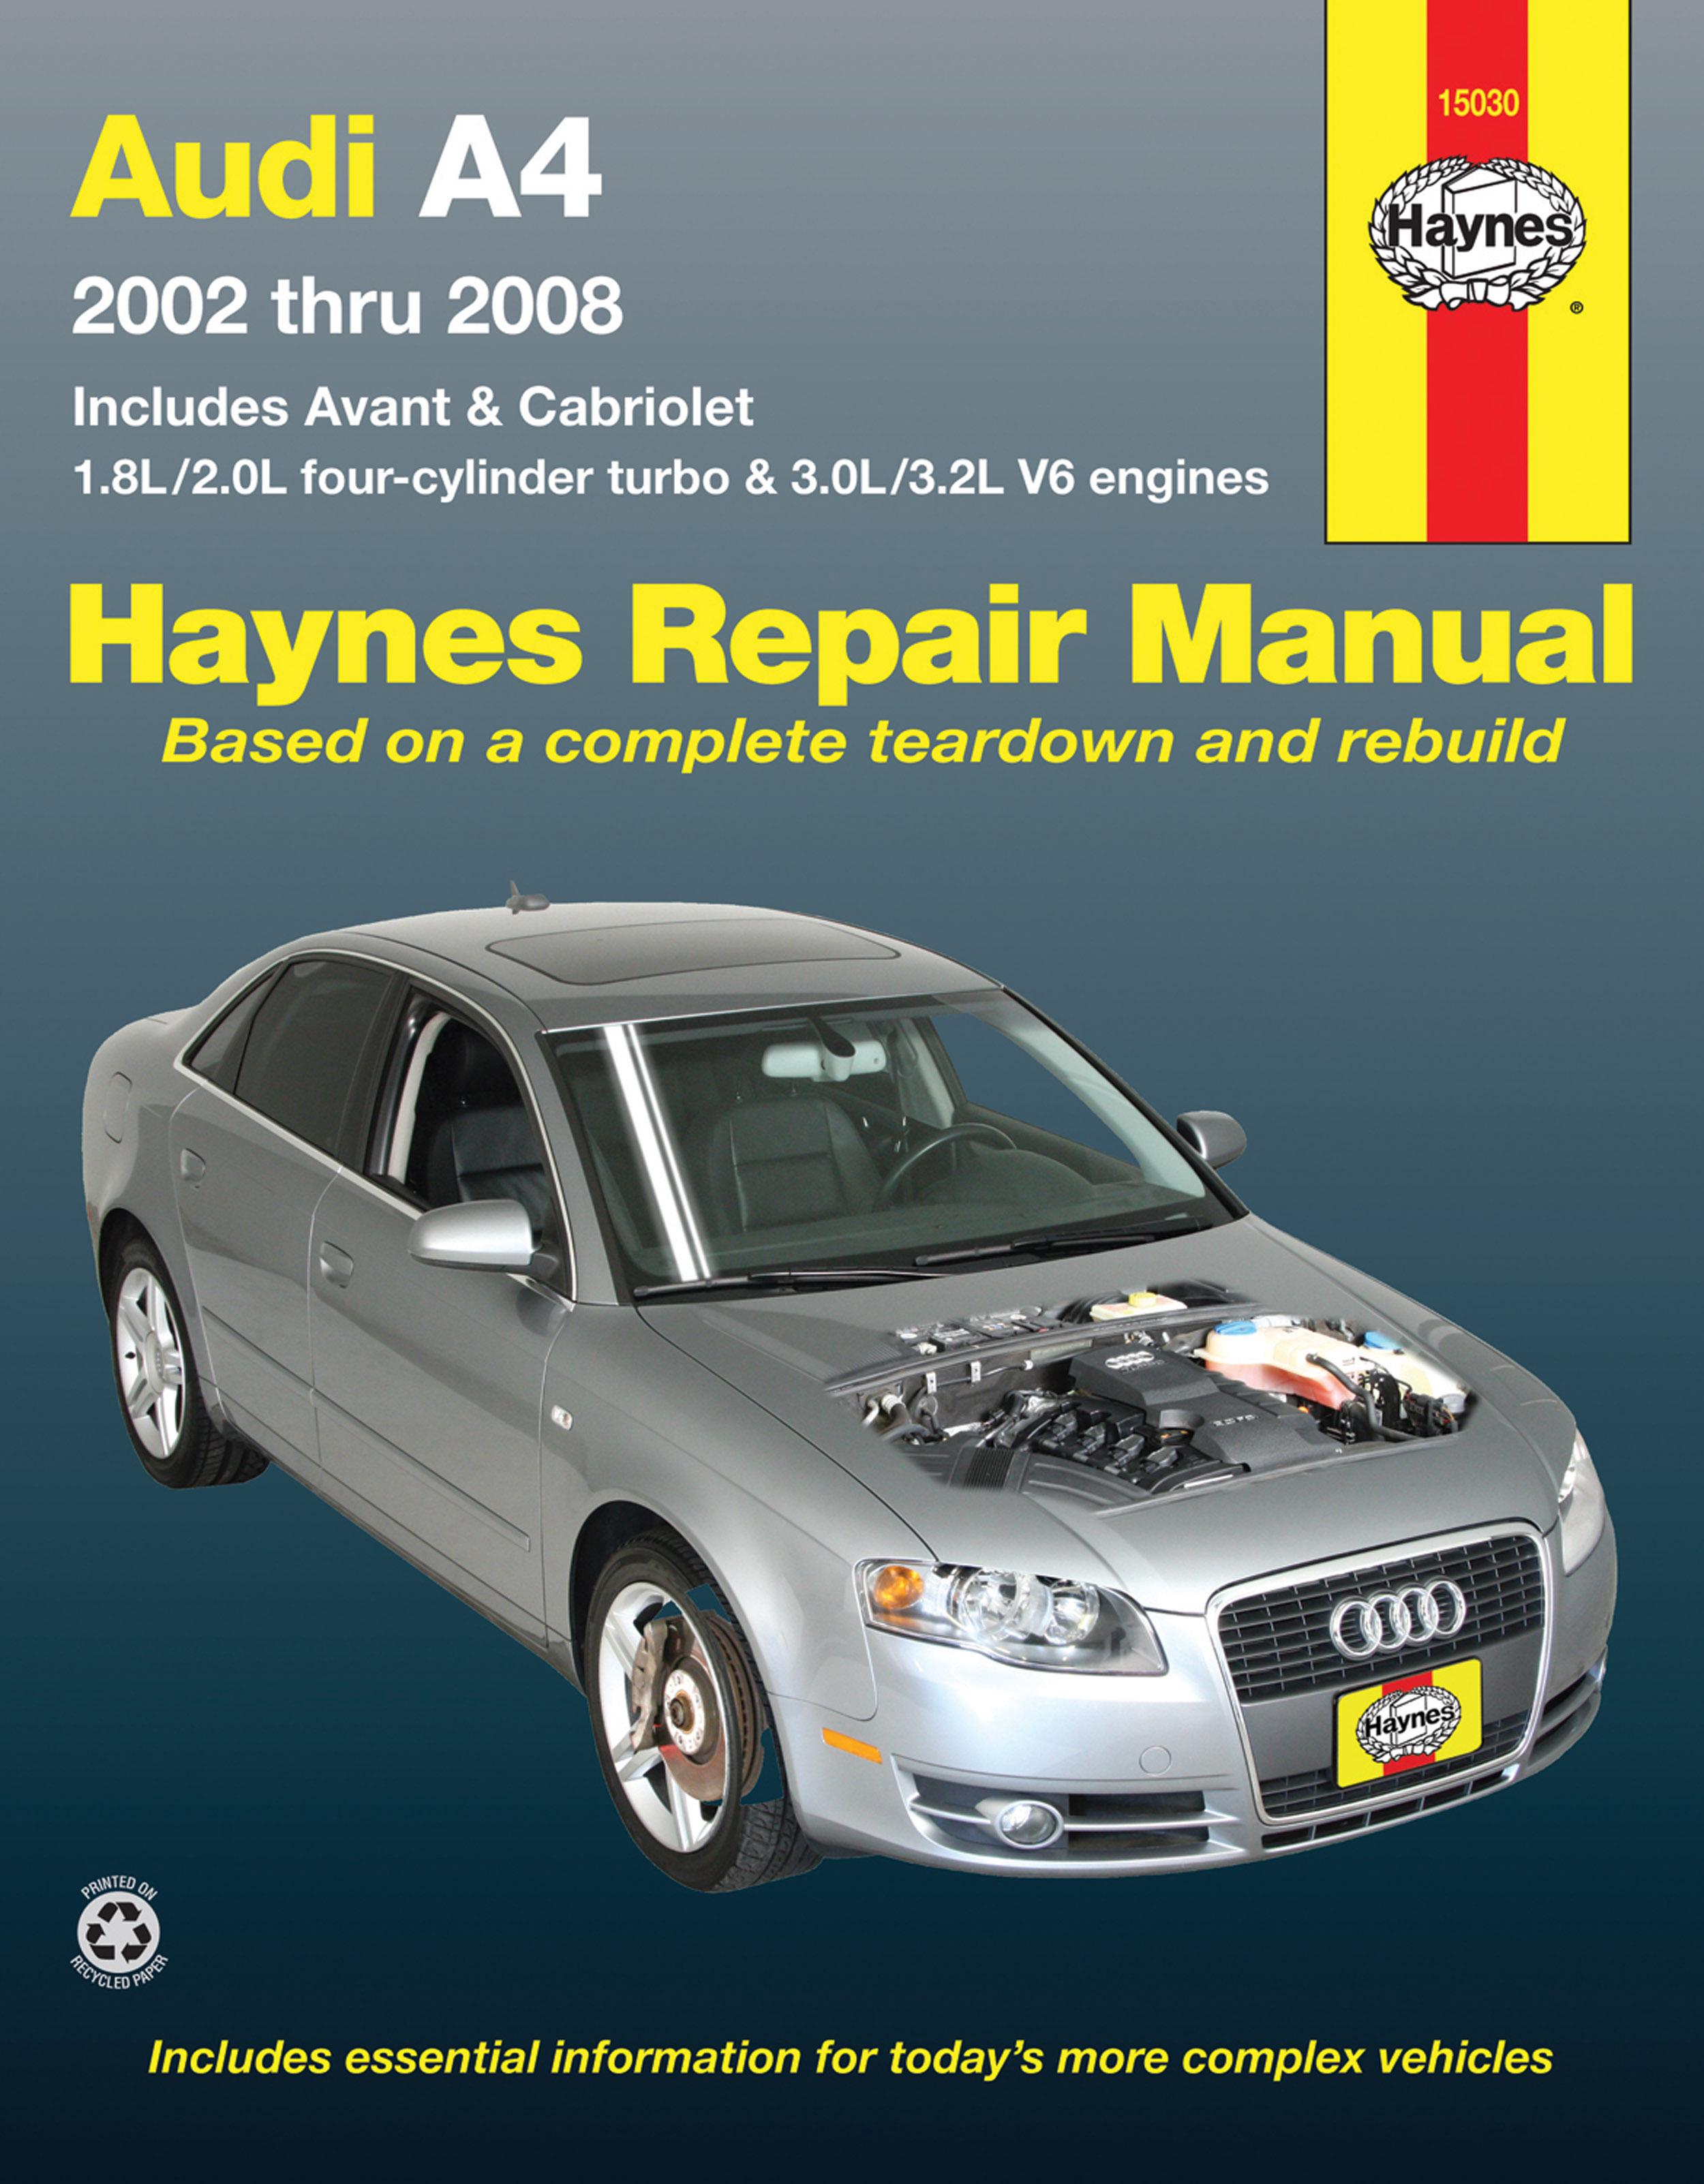 Audi A4 Sedan, Avant, & Cabriolet (2002-2008) Haynes Repair Manual